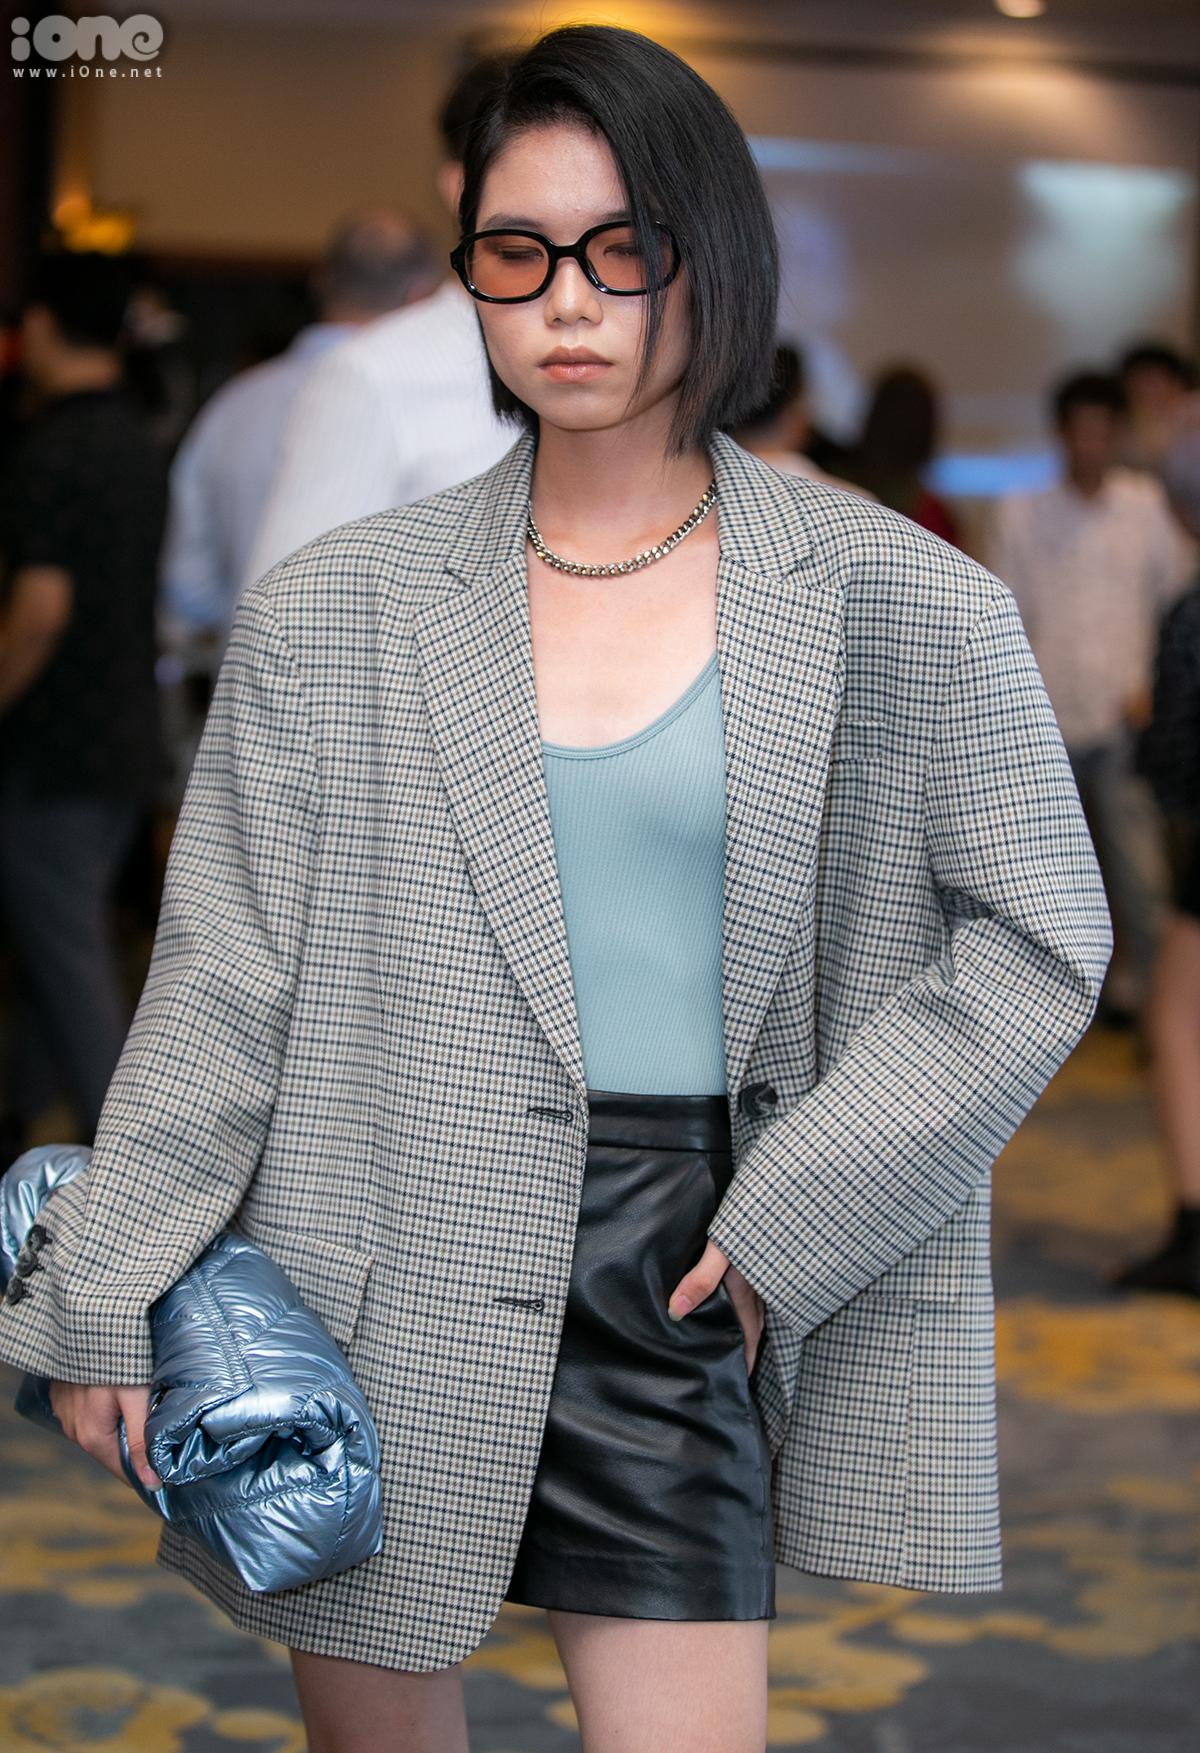 Không chỉ cùng tên Phương Linh, cô bạn này cũng có sở thích với blazer oversized. Tuy nhiên thay vì kết hợp cùng quần ống rộng, Linh mix chân váy da và kính râm, tạo vẻ sang chảnh.